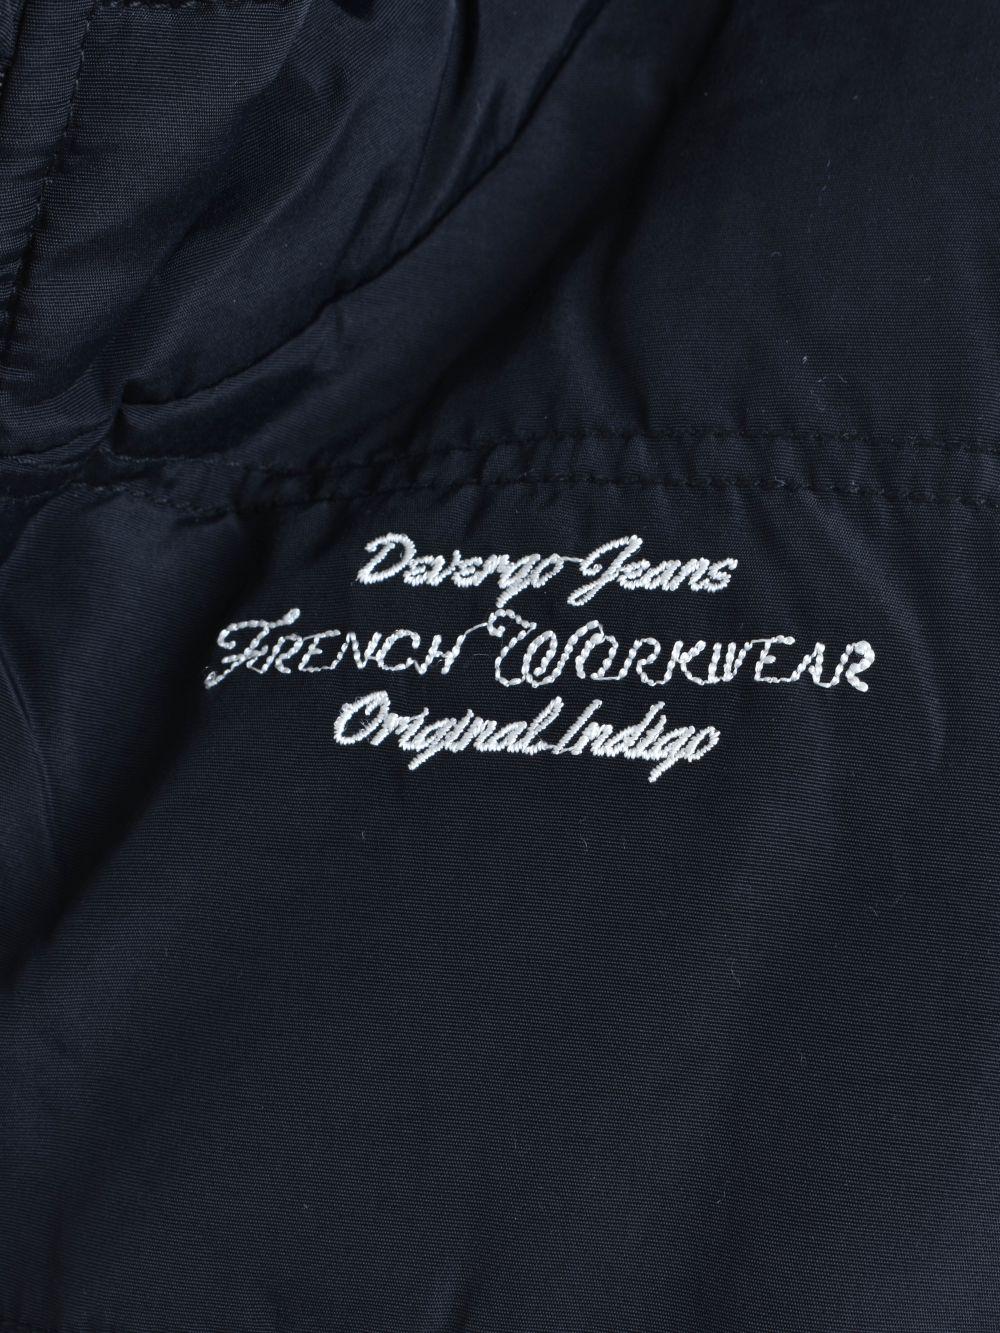 DevergoJeans női széldzseki 10152   Devergo női 2020 ősz